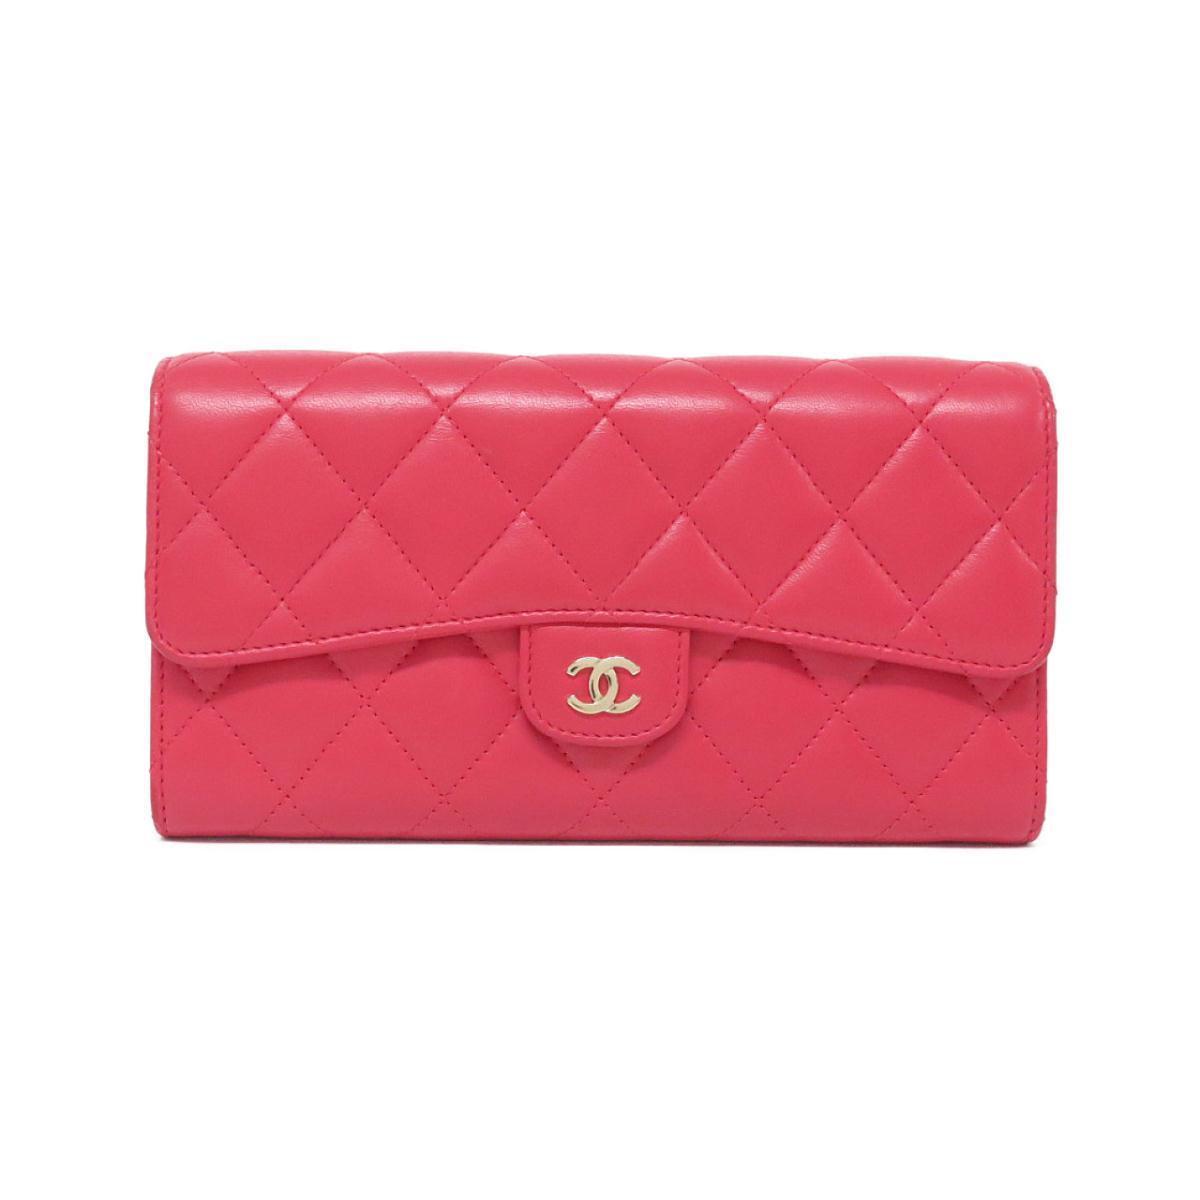 ピンクのシャネルの長財布